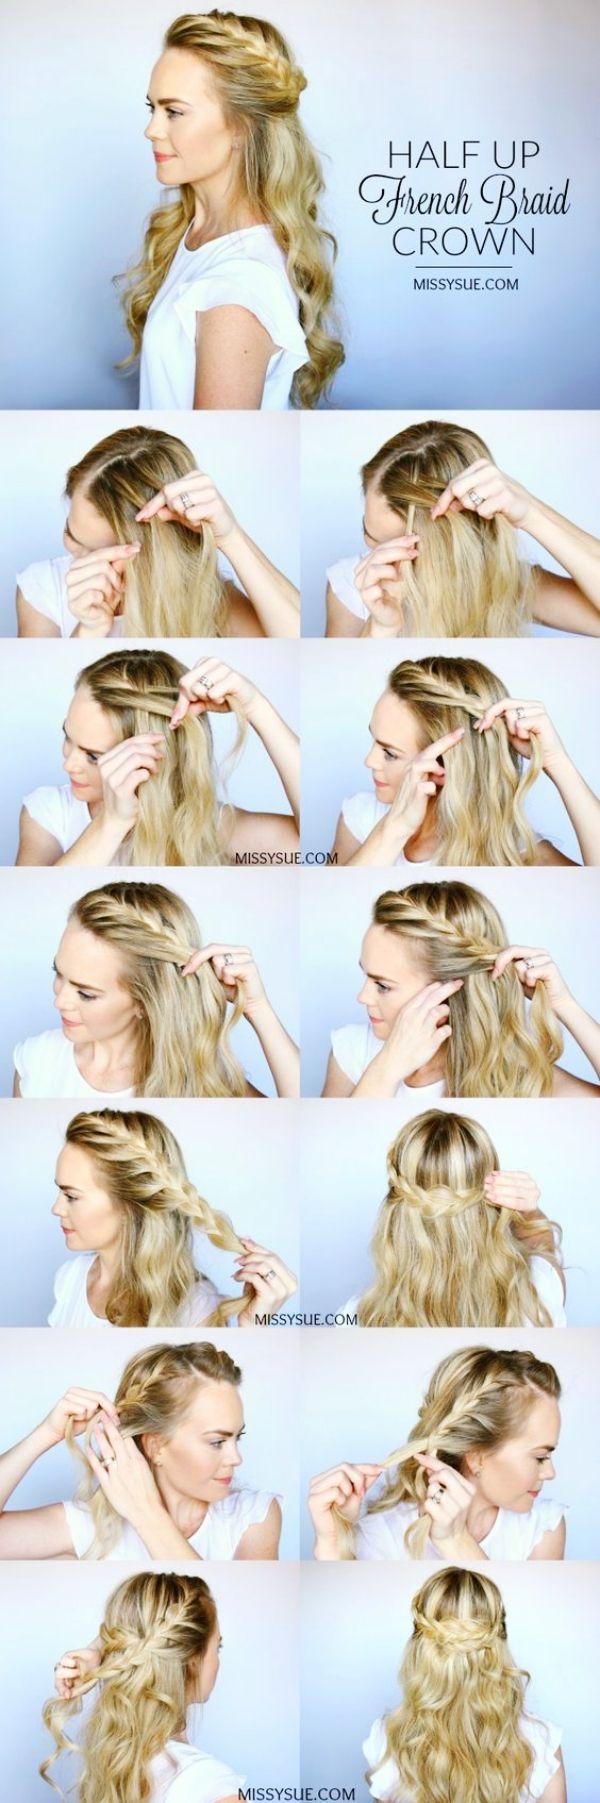 35 coiffures de déesse grecque mi-haut mi-bas – nouvelle meilleure coiffure